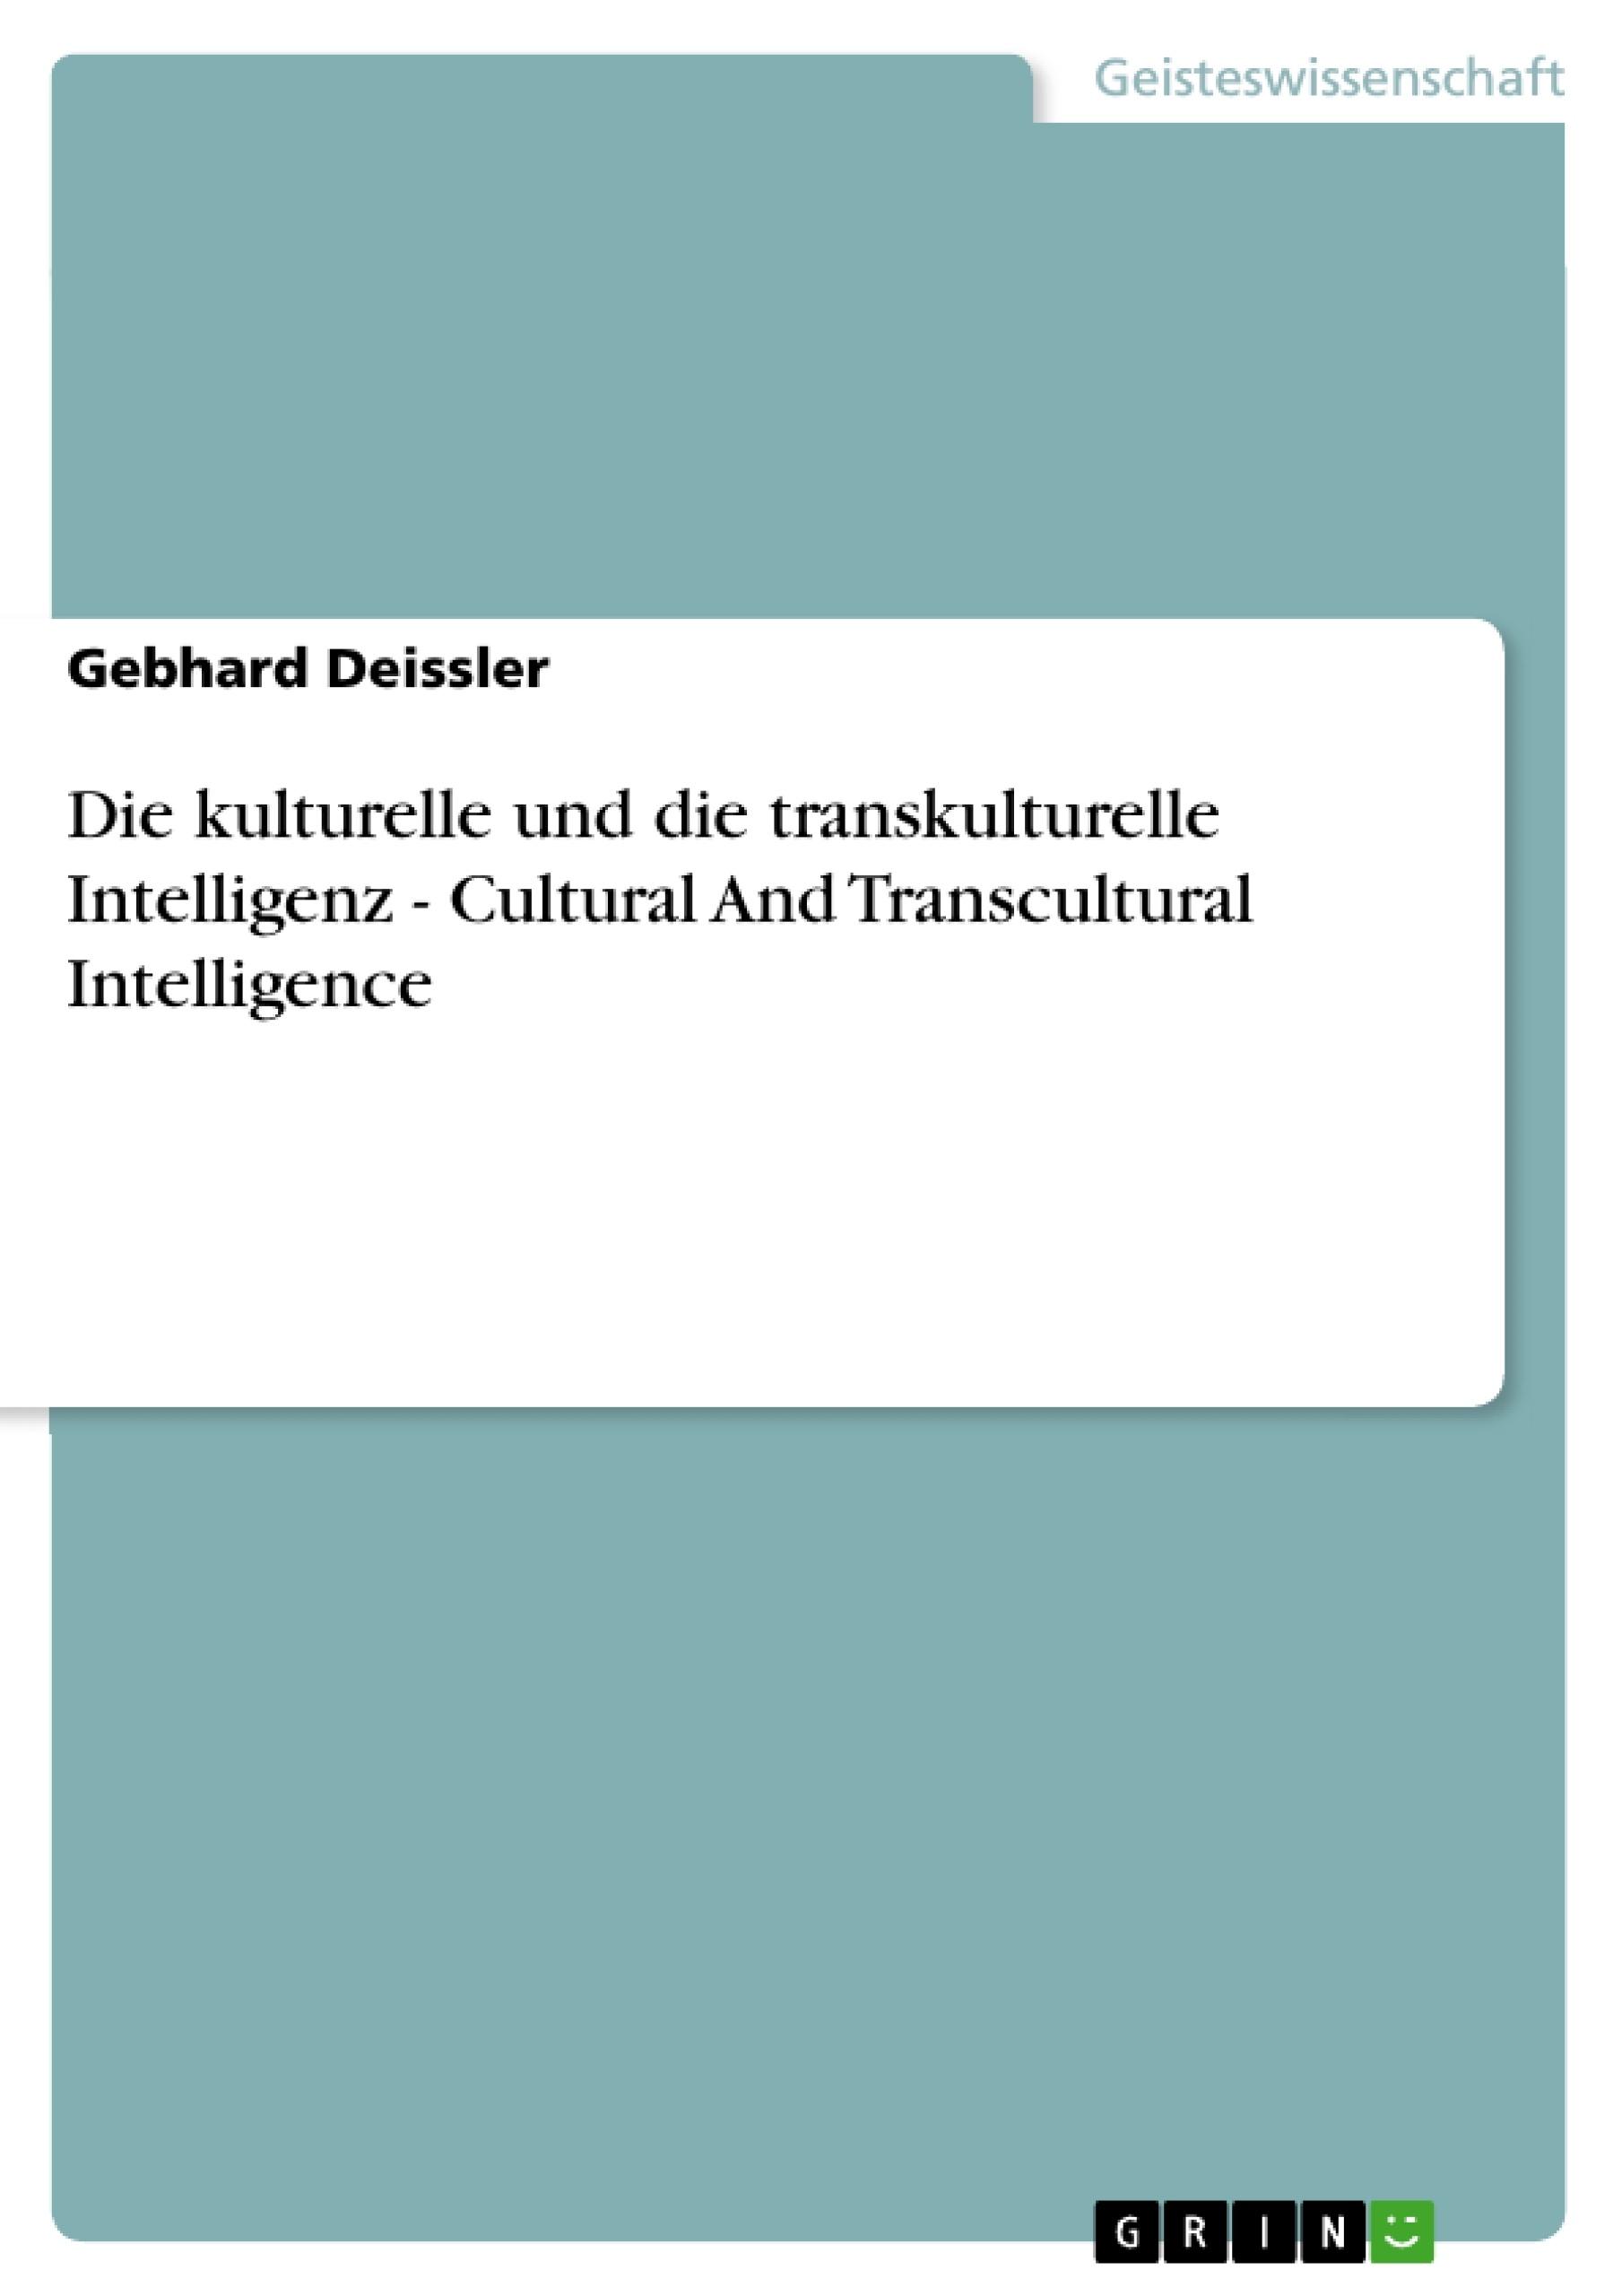 Titel: Die kulturelle und die transkulturelle Intelligenz - Cultural And Transcultural Intelligence